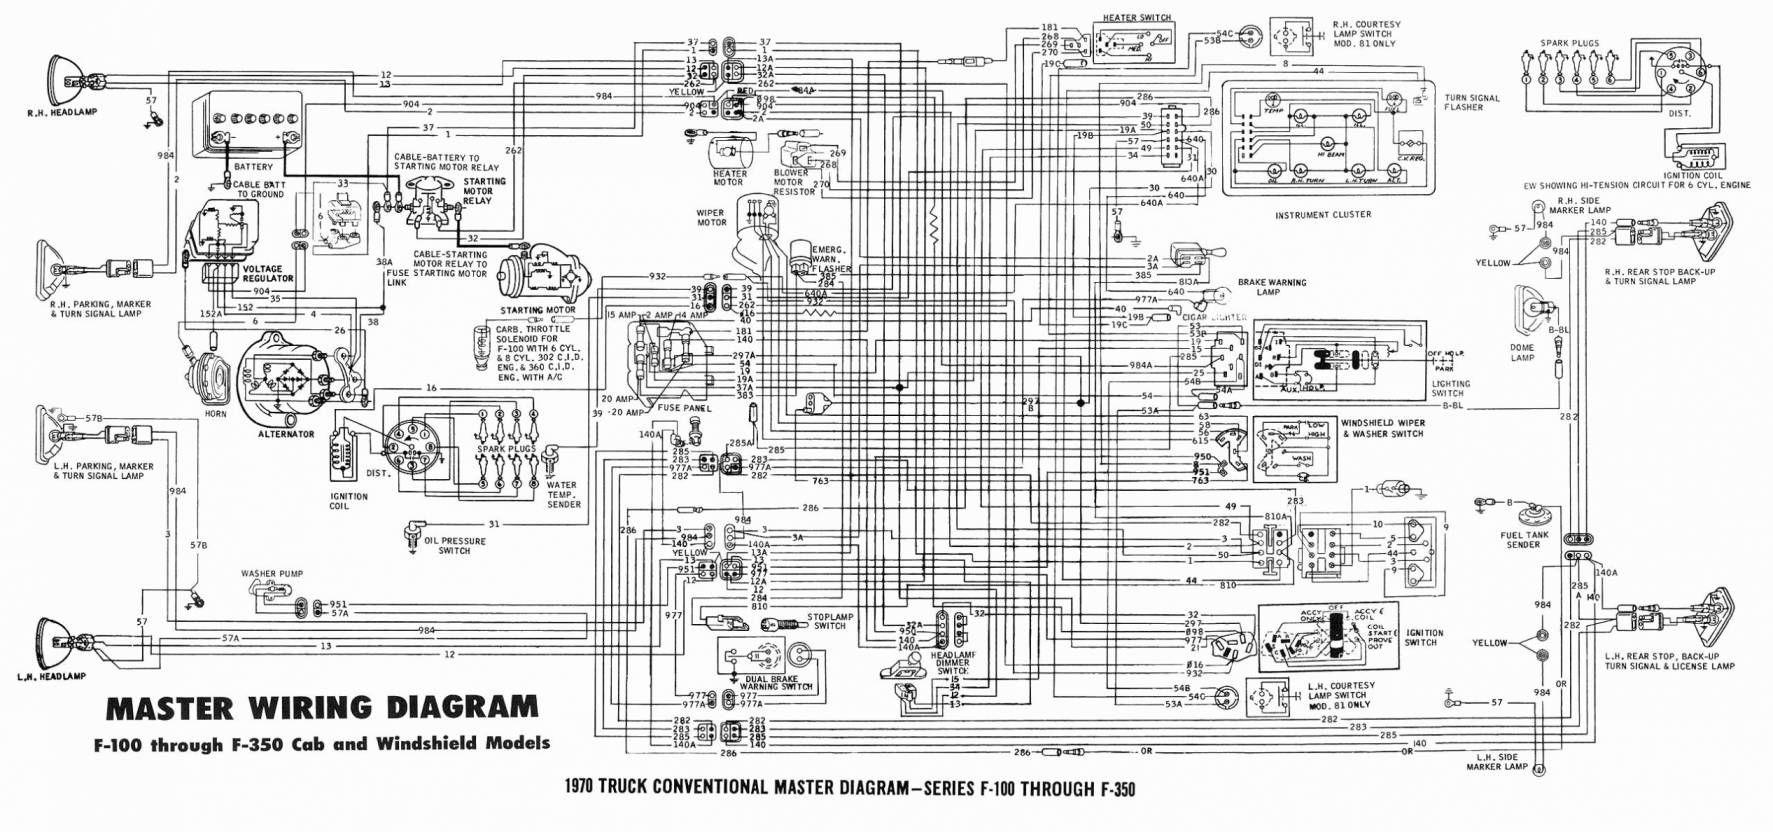 16 22r Alternator Wiring Diagram Diagram Repair Manuals Ford